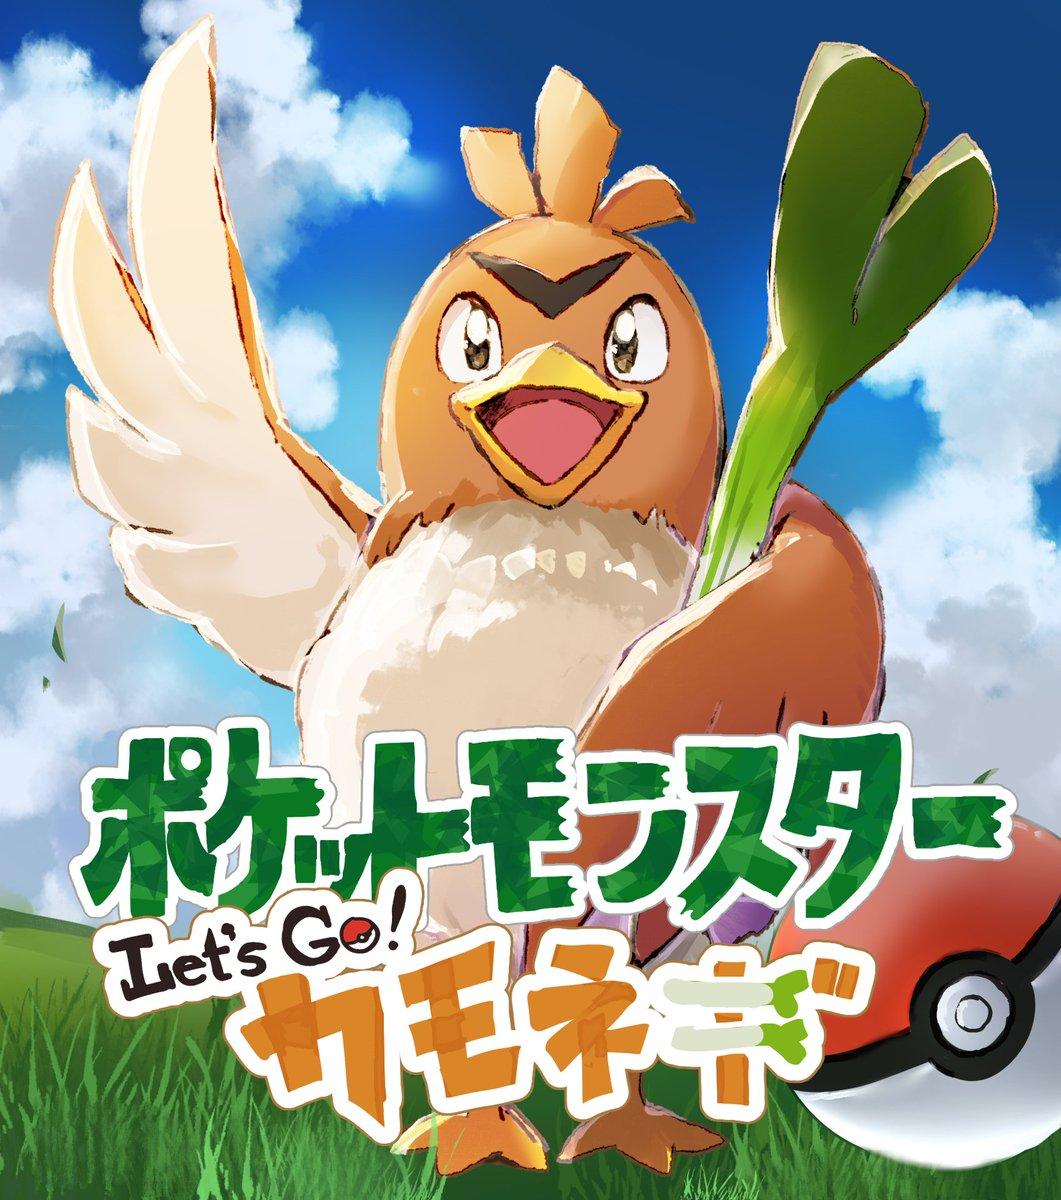 『ポケットモンスター Lets's Go! カモネギ』遊ぶぞー!!